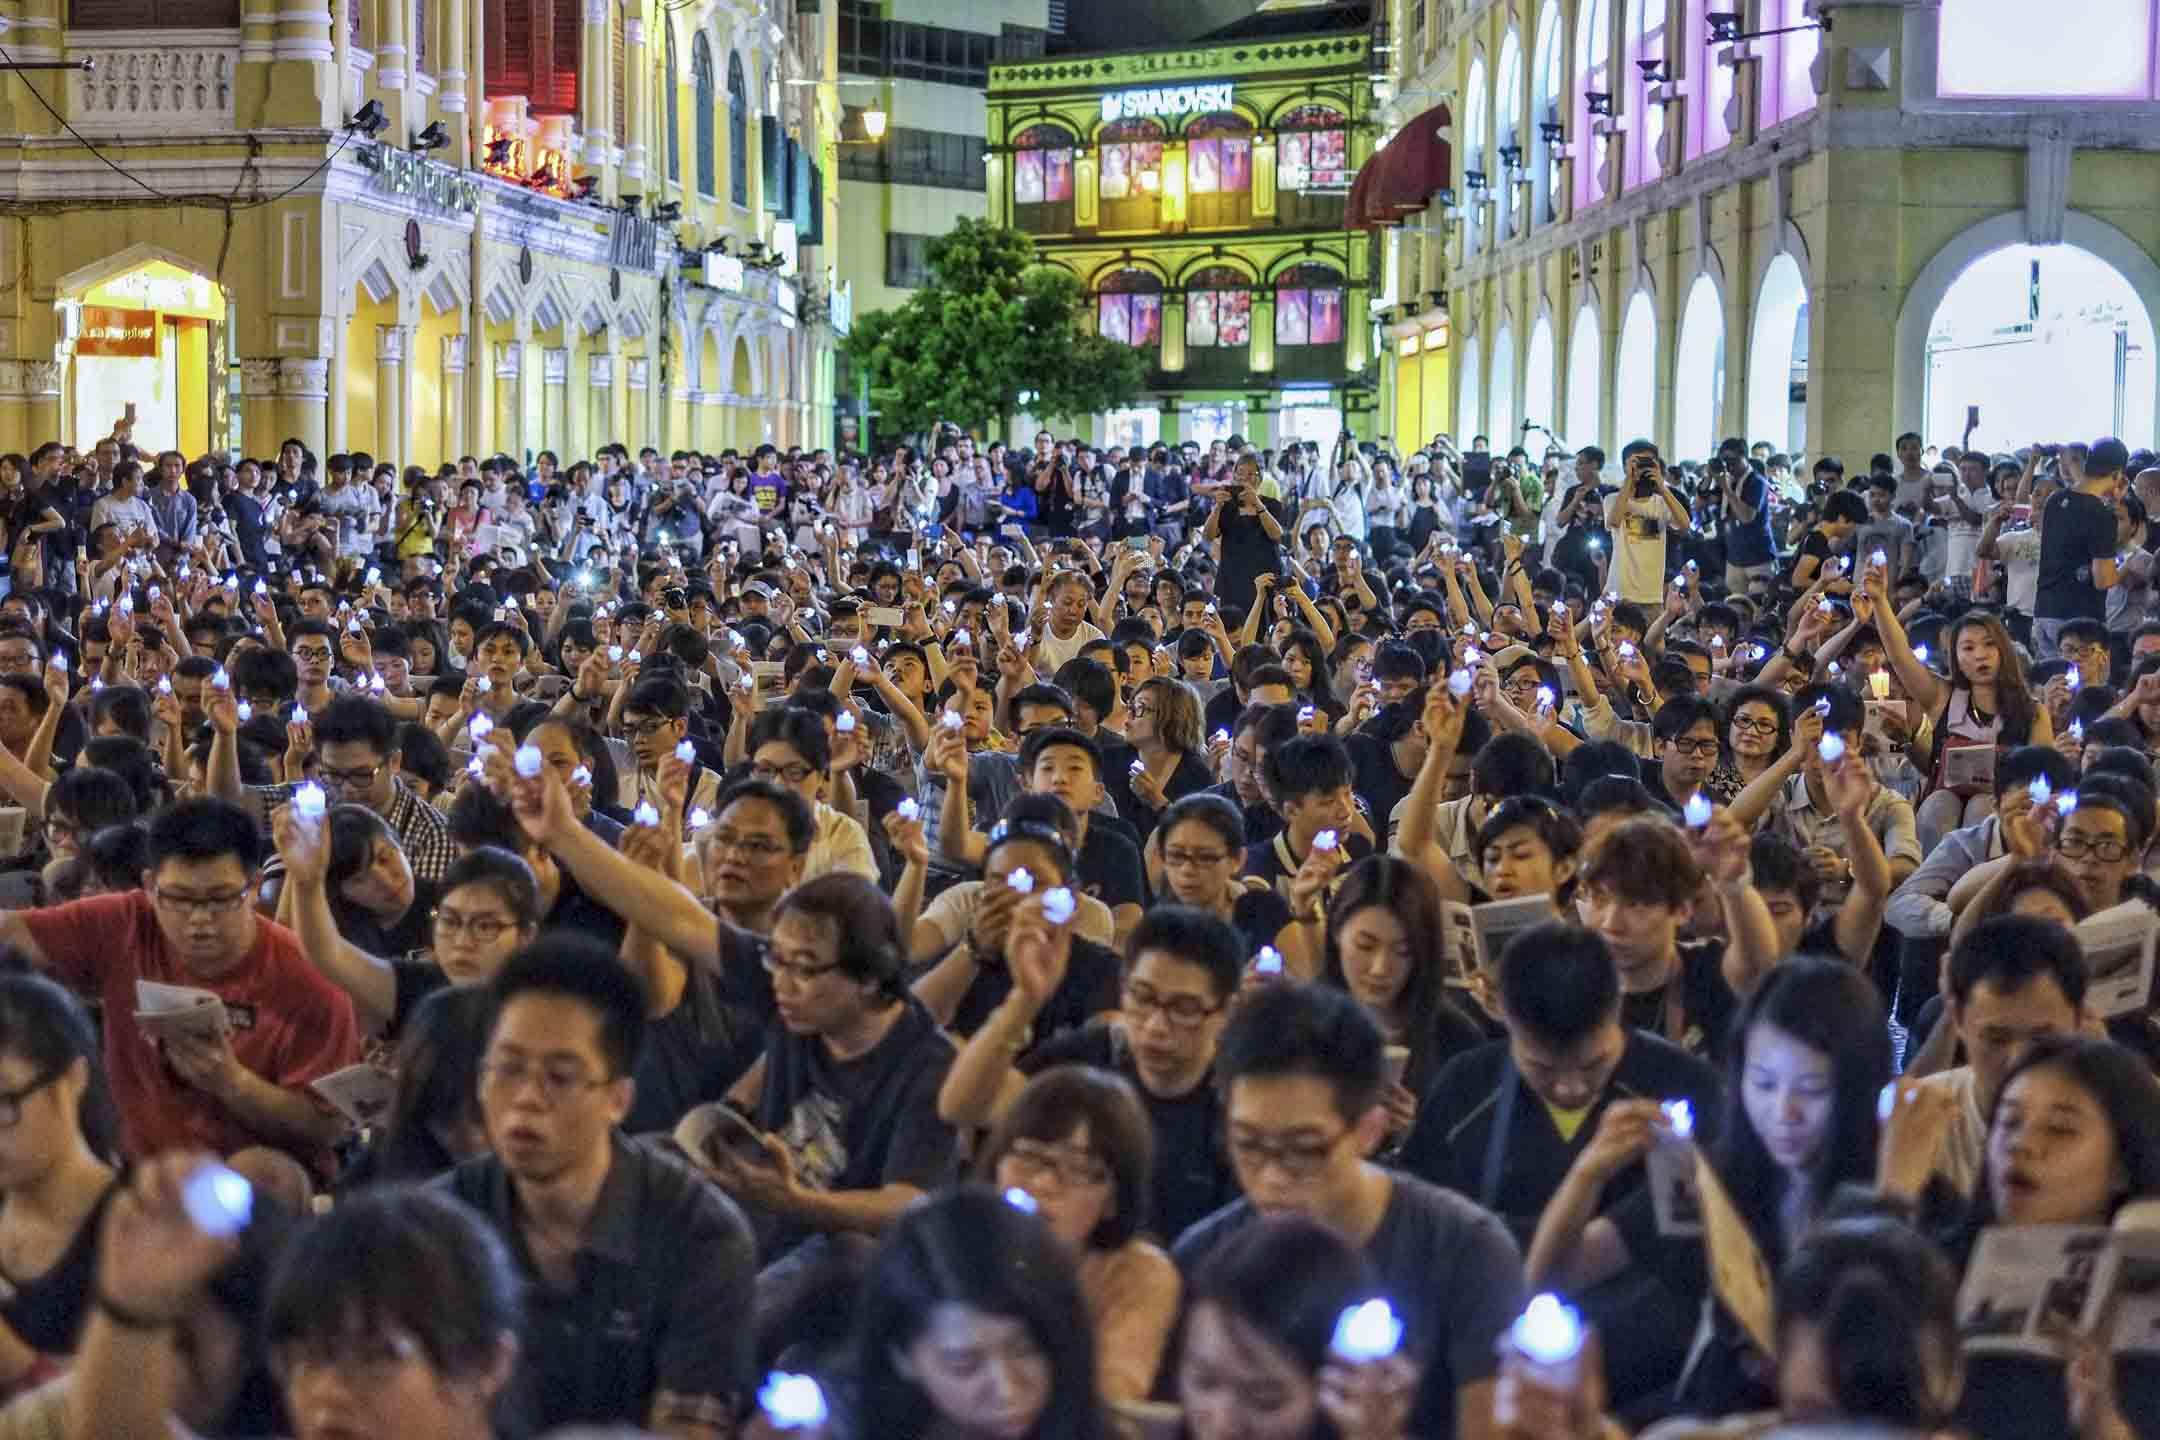 2014年6月4日,澳門議事廳前地的六四燭光晚會,參與人數達至歷年來最高,有近3000人出席。